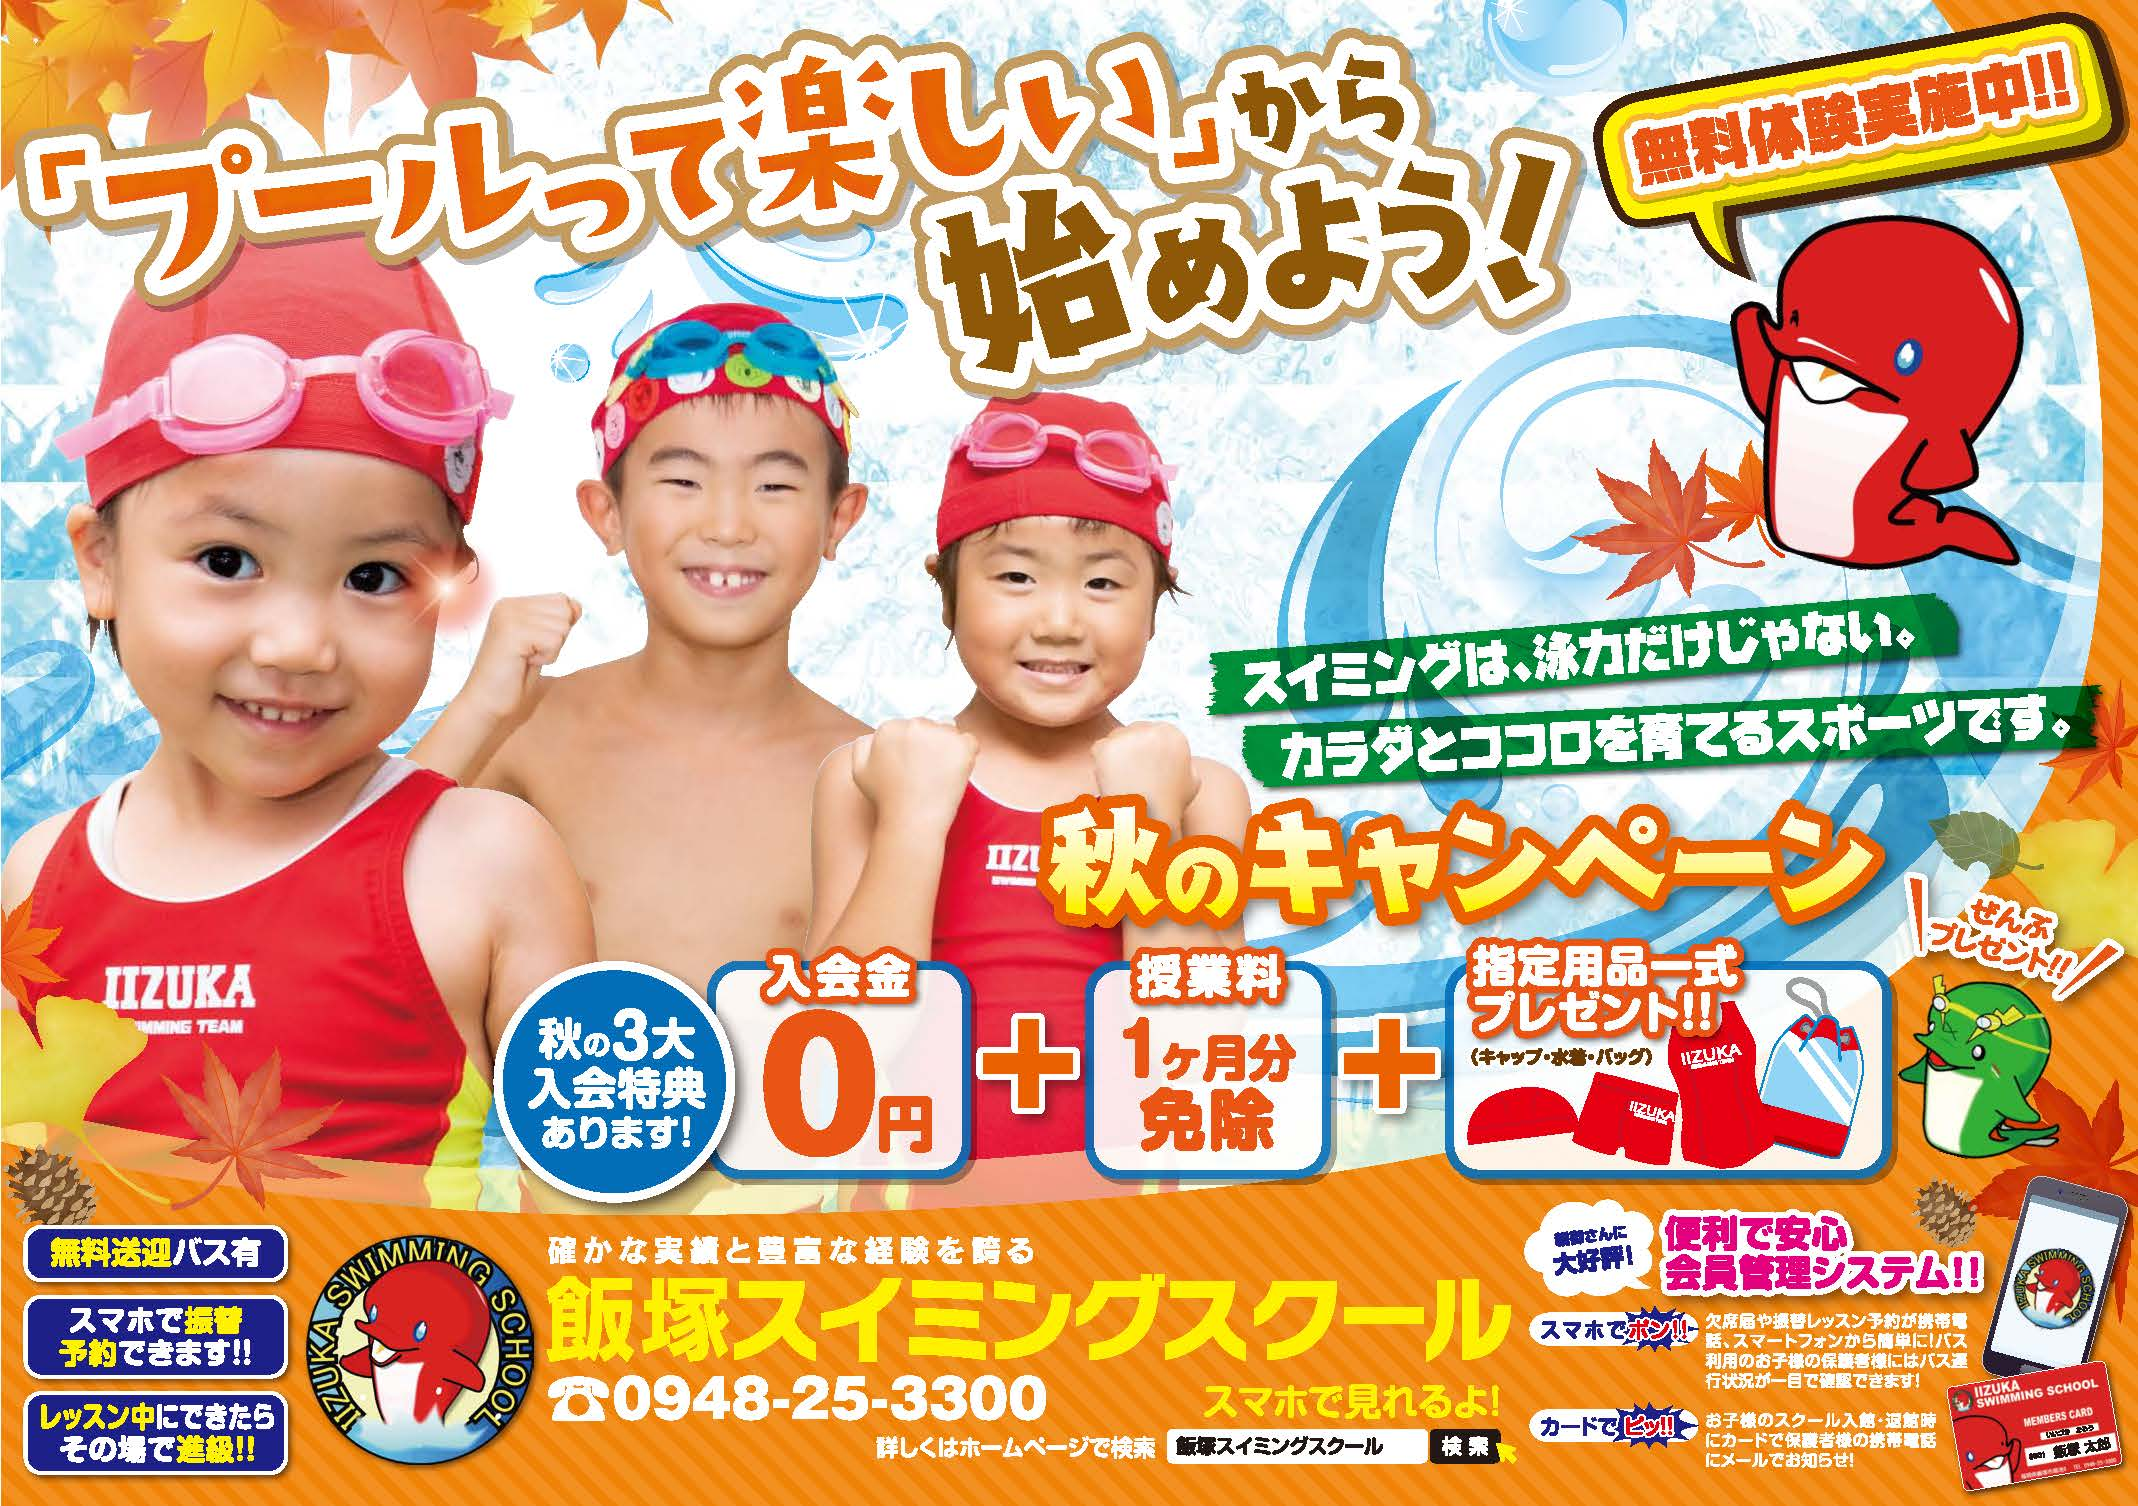 19_0800_飯塚スイミングスクール様-秋キャンペーン-kids_最終_HP用